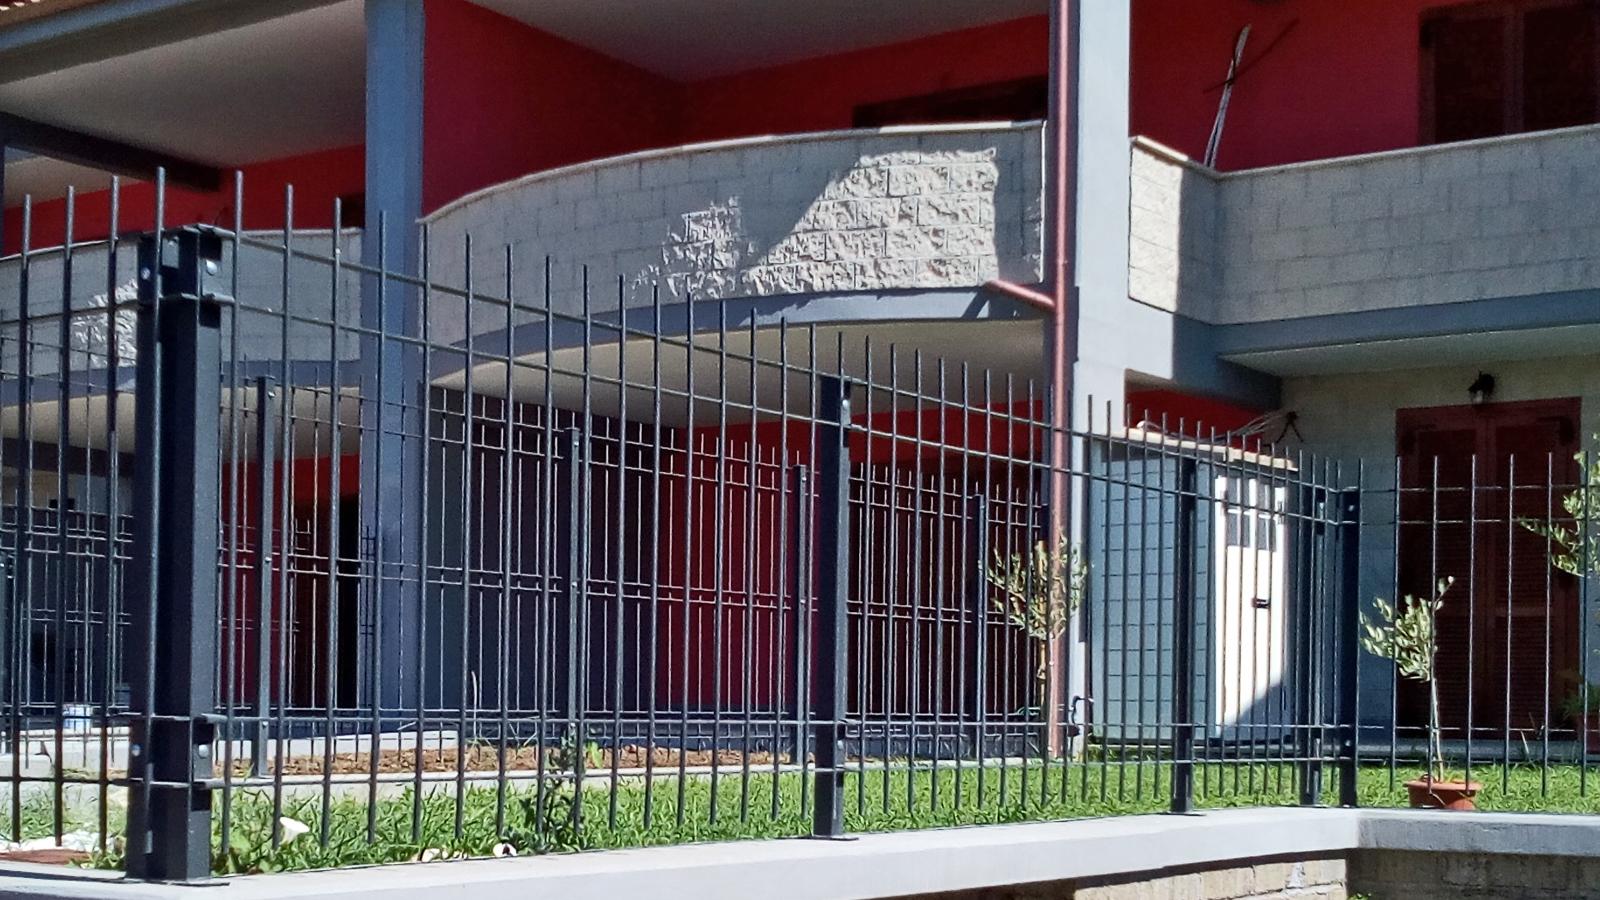 Cancelli e recinzioni - Modello Vulcano classic